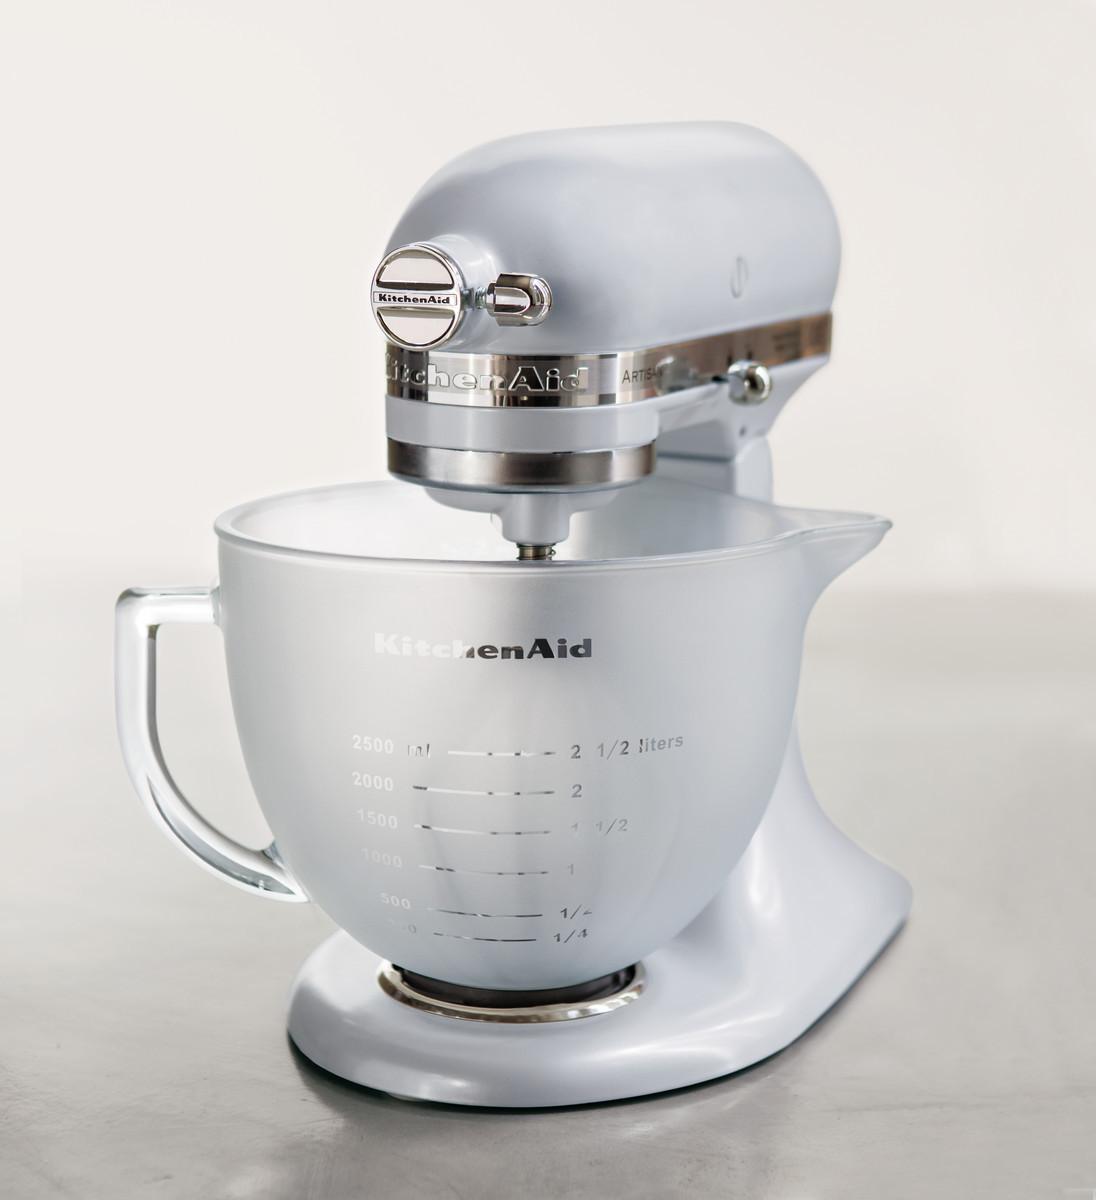 KitchenAid Artisan Küchenmaschine 4,8 Liter frosted pearl